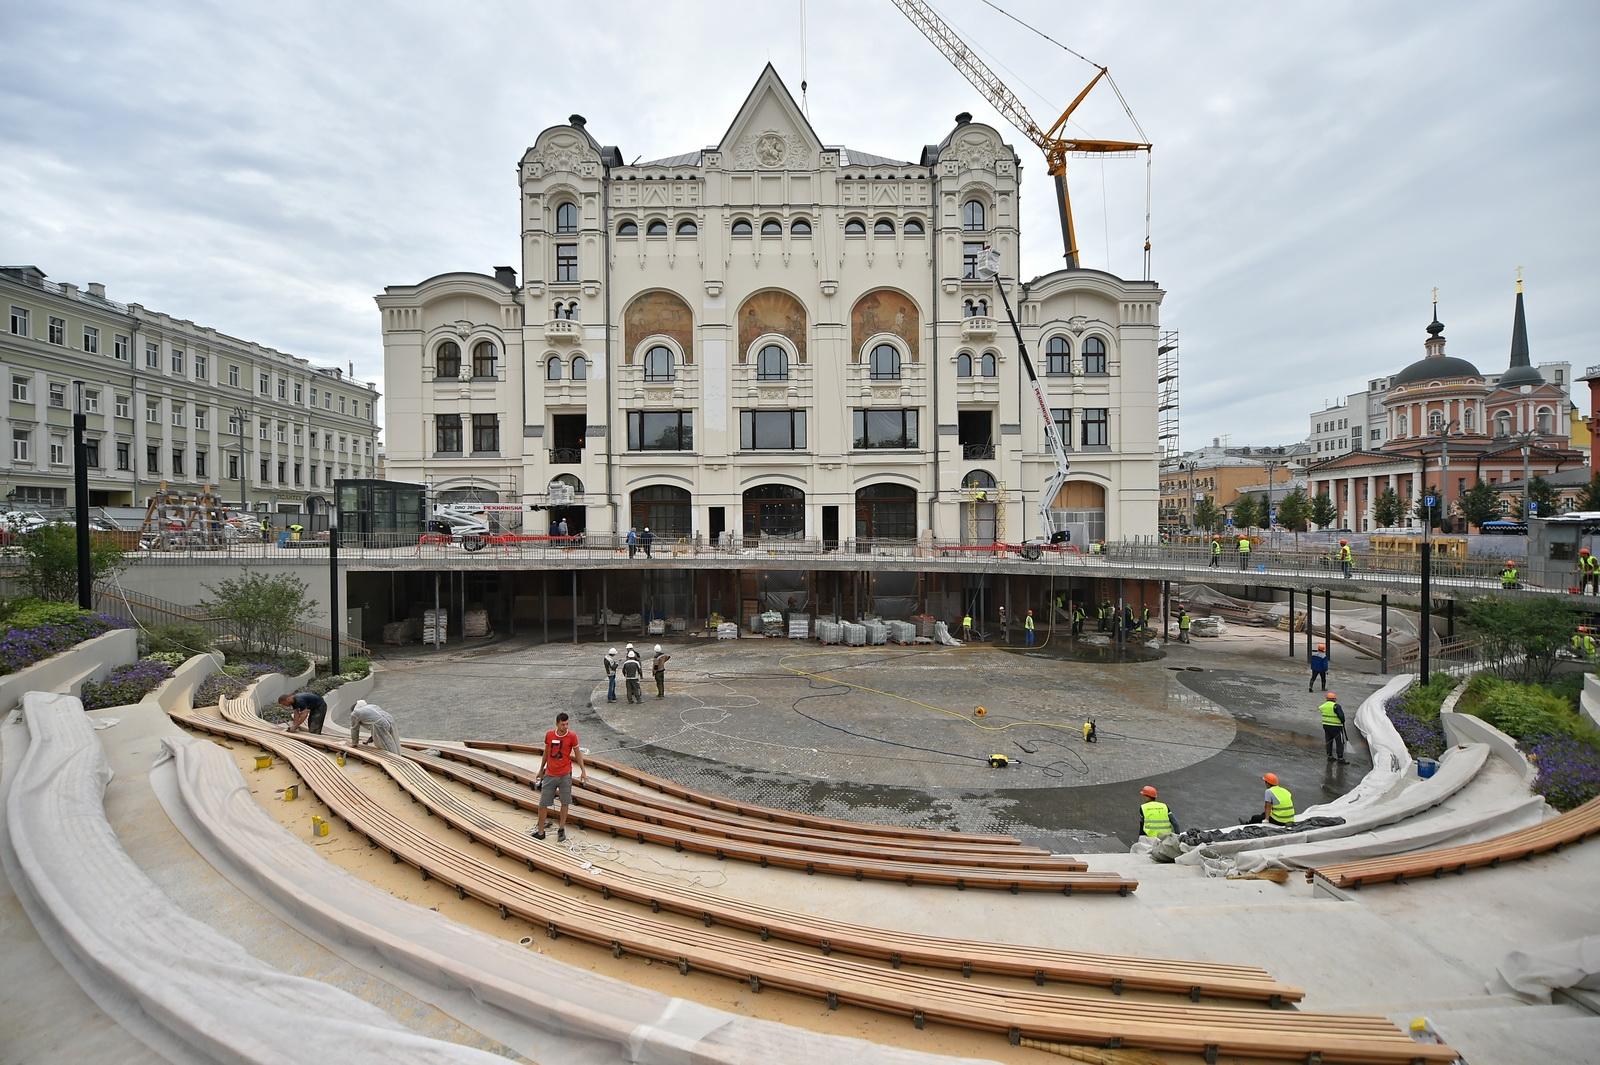 Сейчас здание закрыто на реконструкцию и откроется в ноябре 2020 года. Площадь Политехнического музея увеличилась на 16 тыс. кв. ми составляет 48 тыс. «квадратов». Добавилось два подземных этажа с инженерными сетями